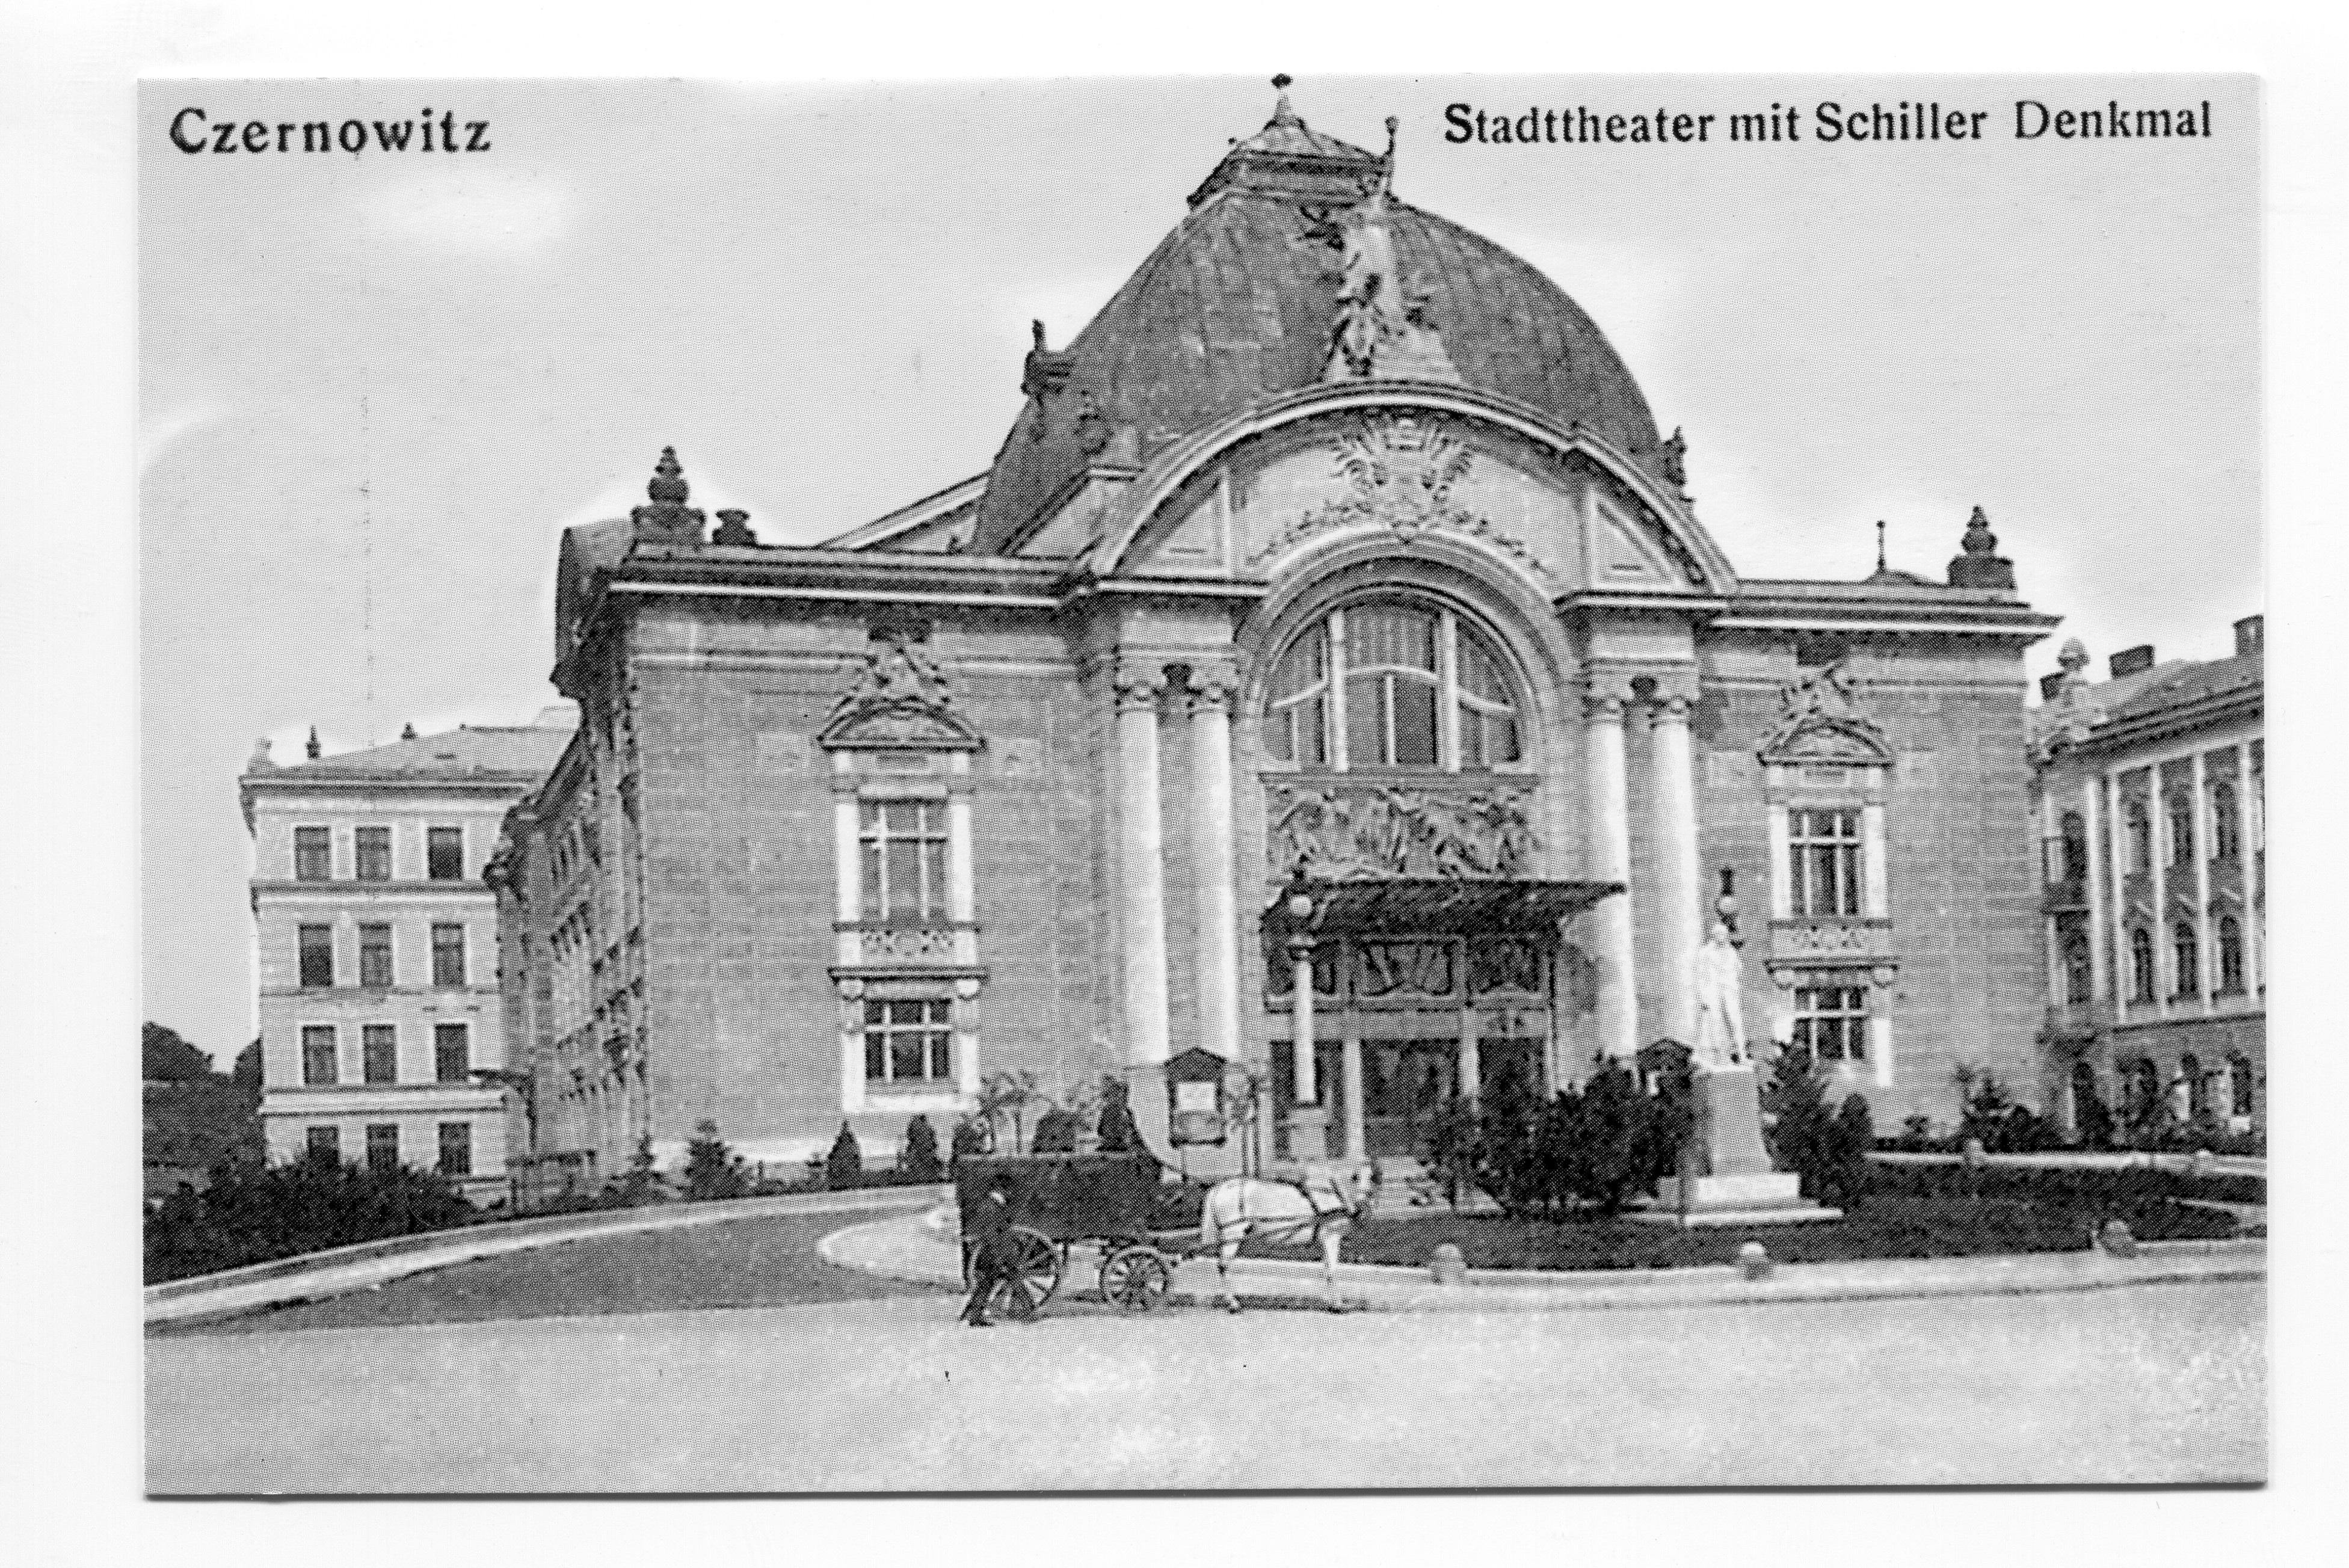 In Czernowitz | Cité der Friedenskultur